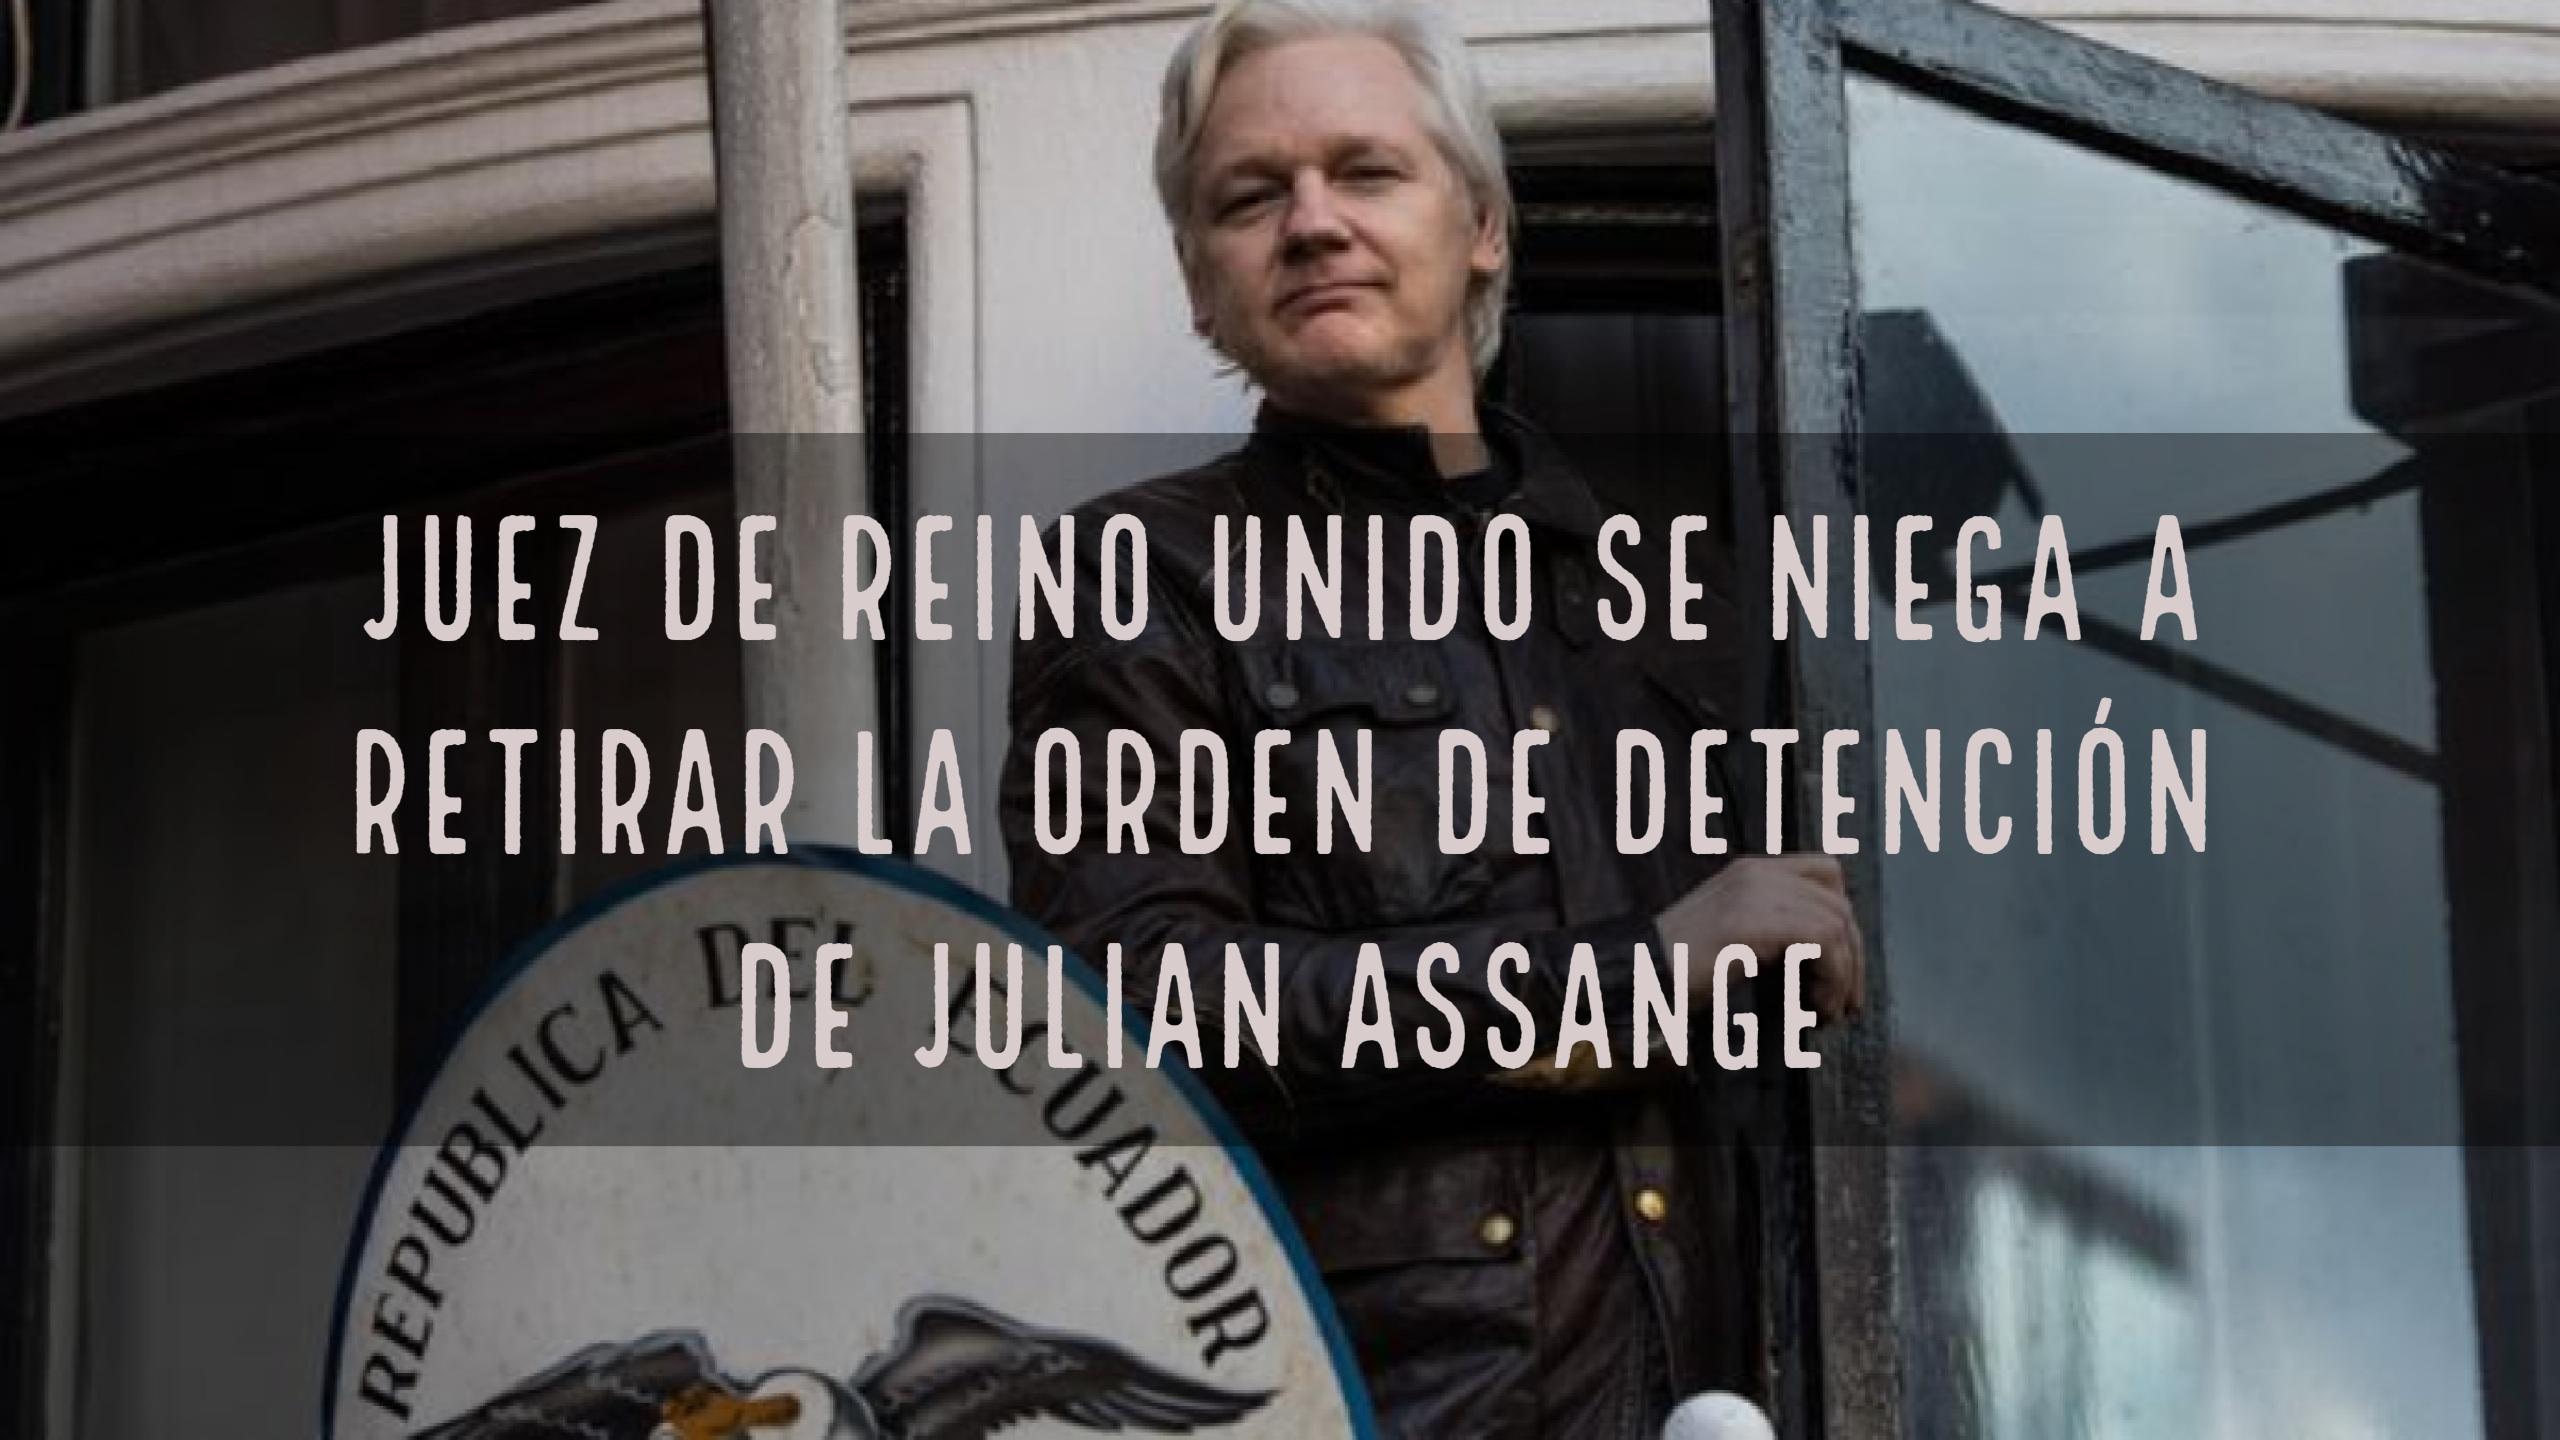 Juez de Reino Unido se niega a retirar la orden de detención de Julian Assange